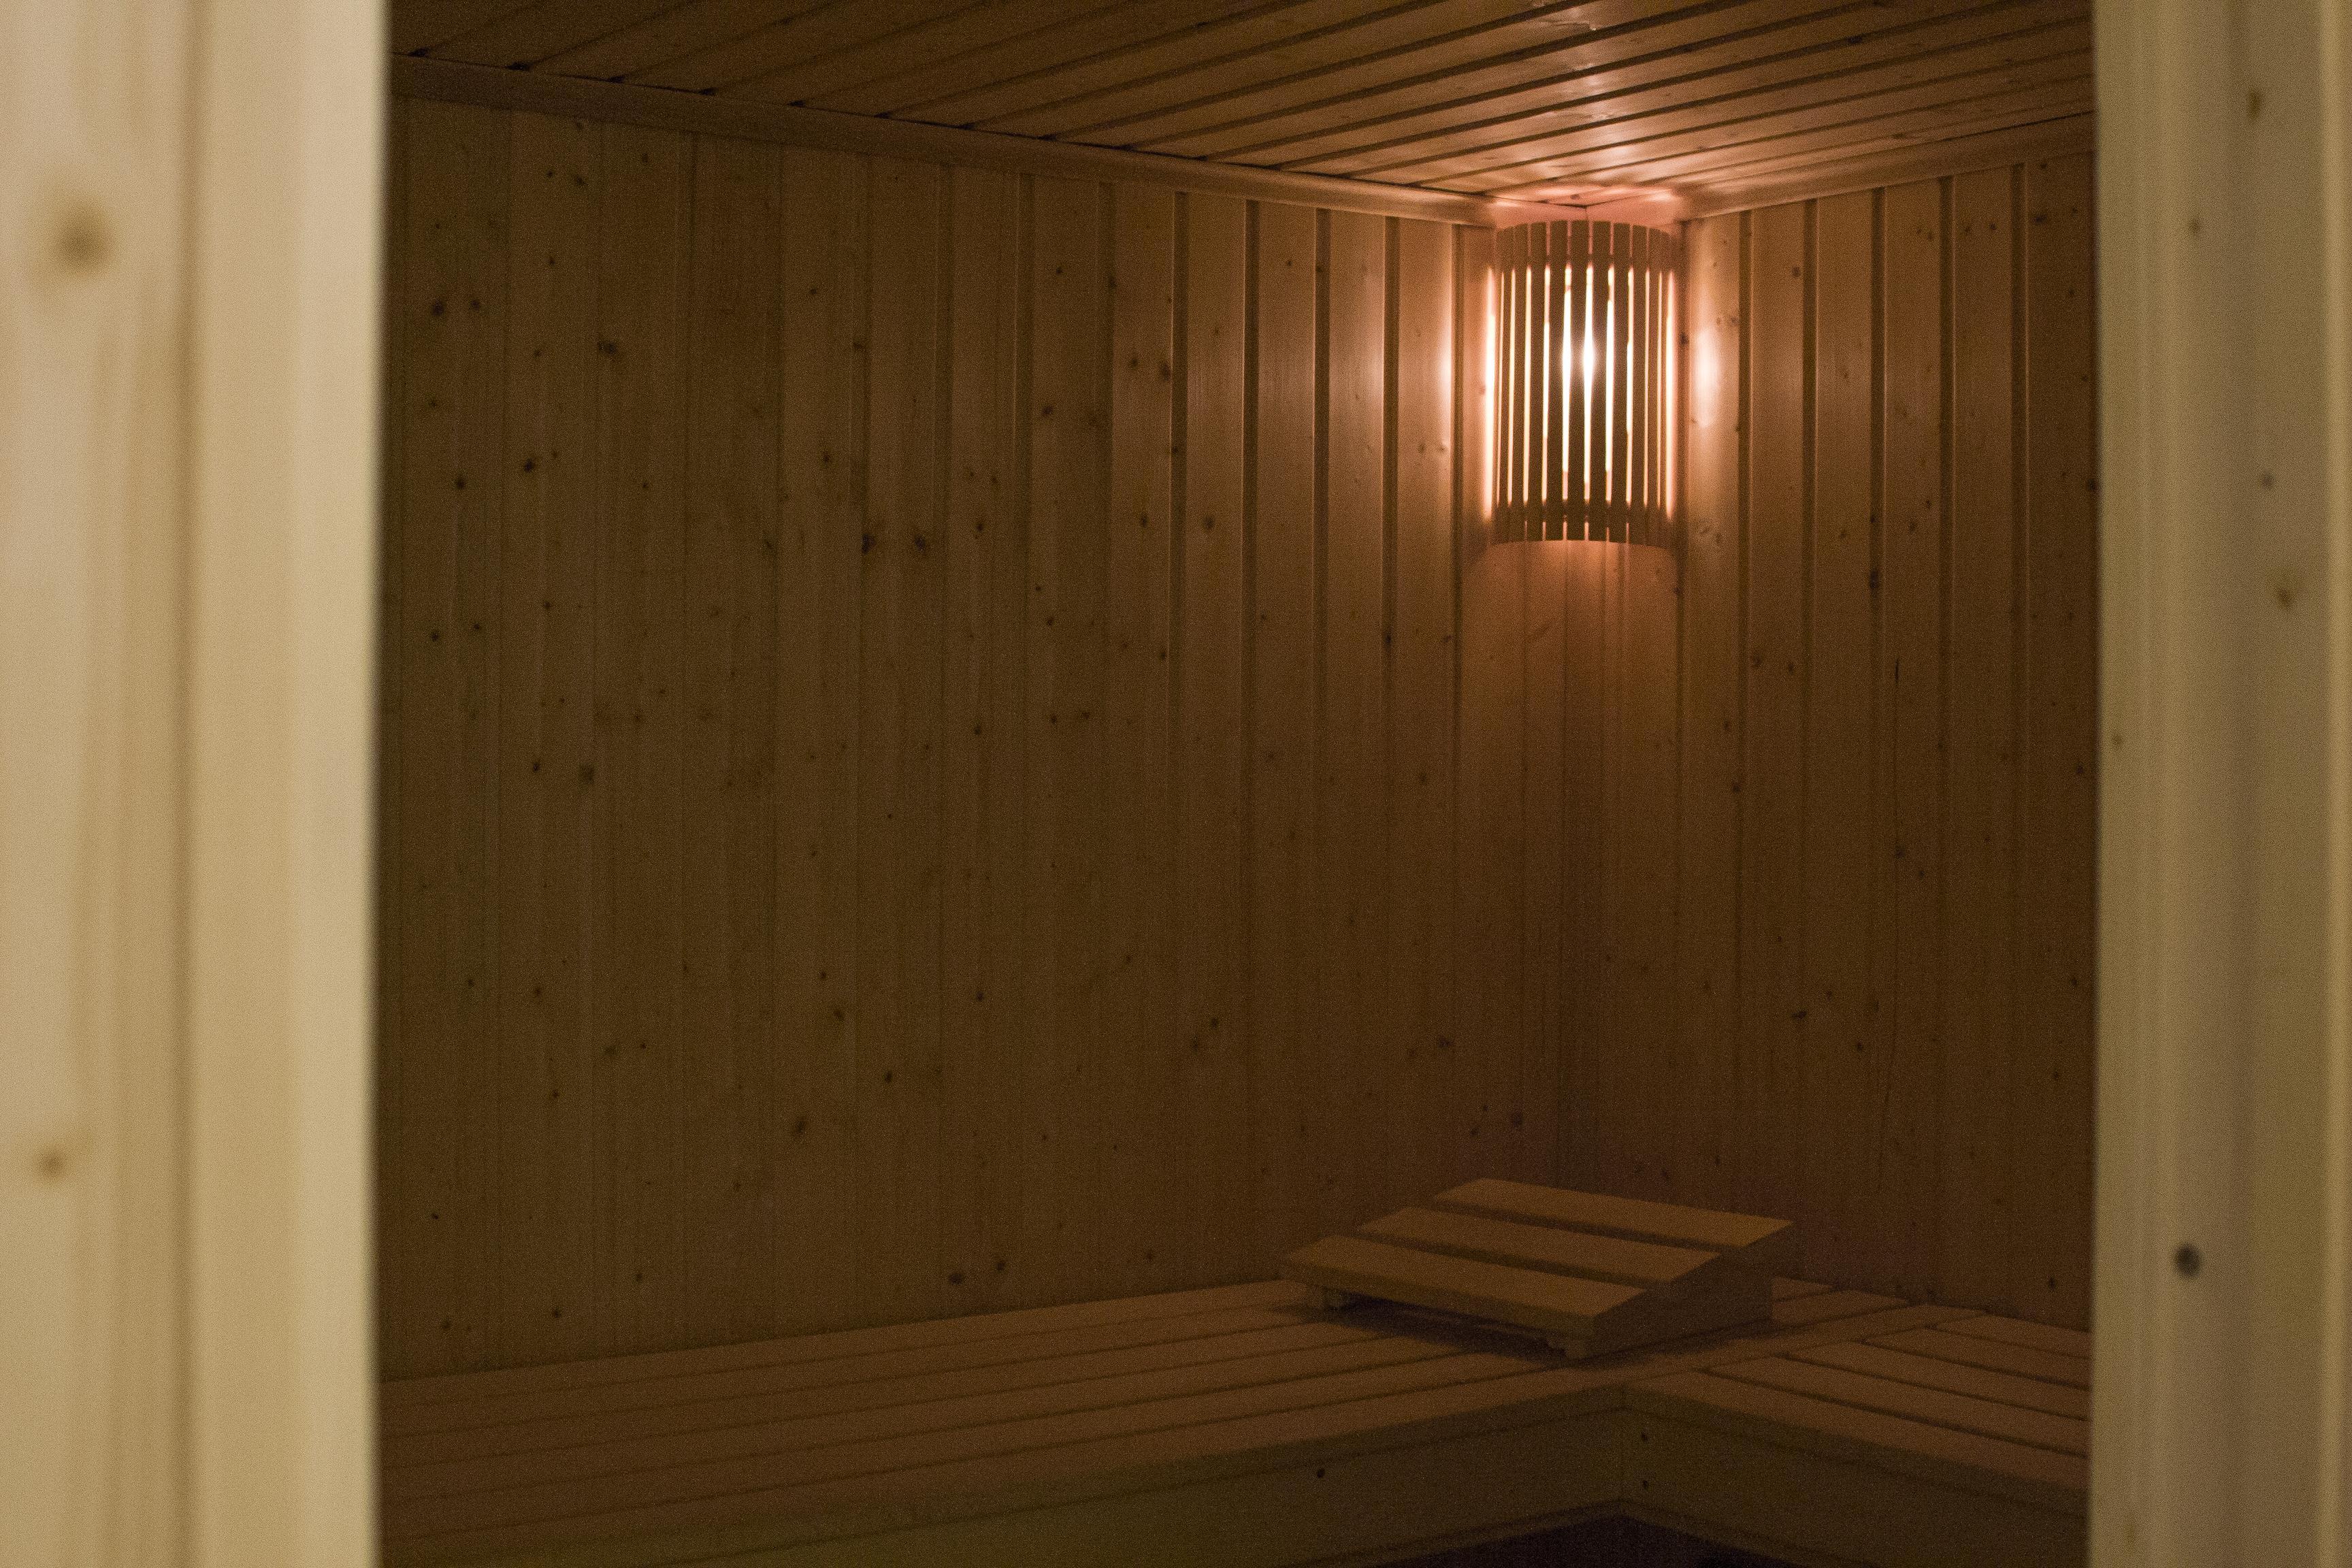 Dormitory sauna